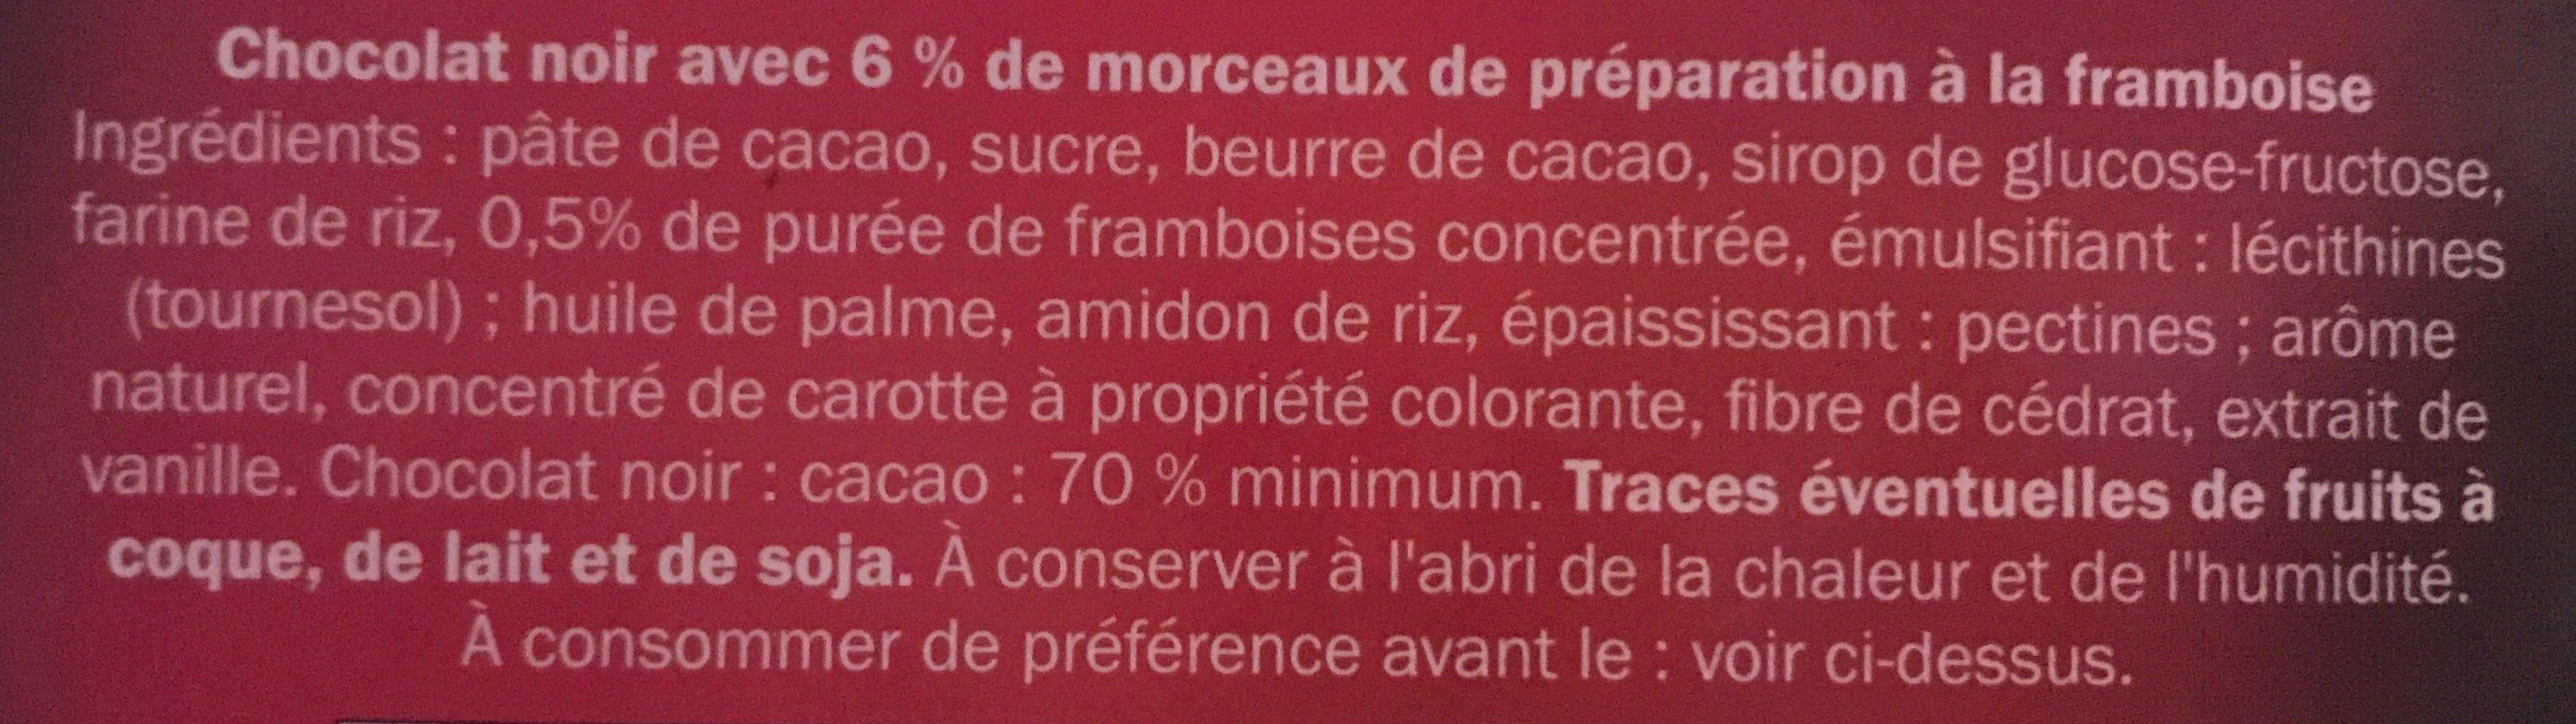 Chocolat dégustation à la framboise cacao Equateur 70% - Ingredients - fr